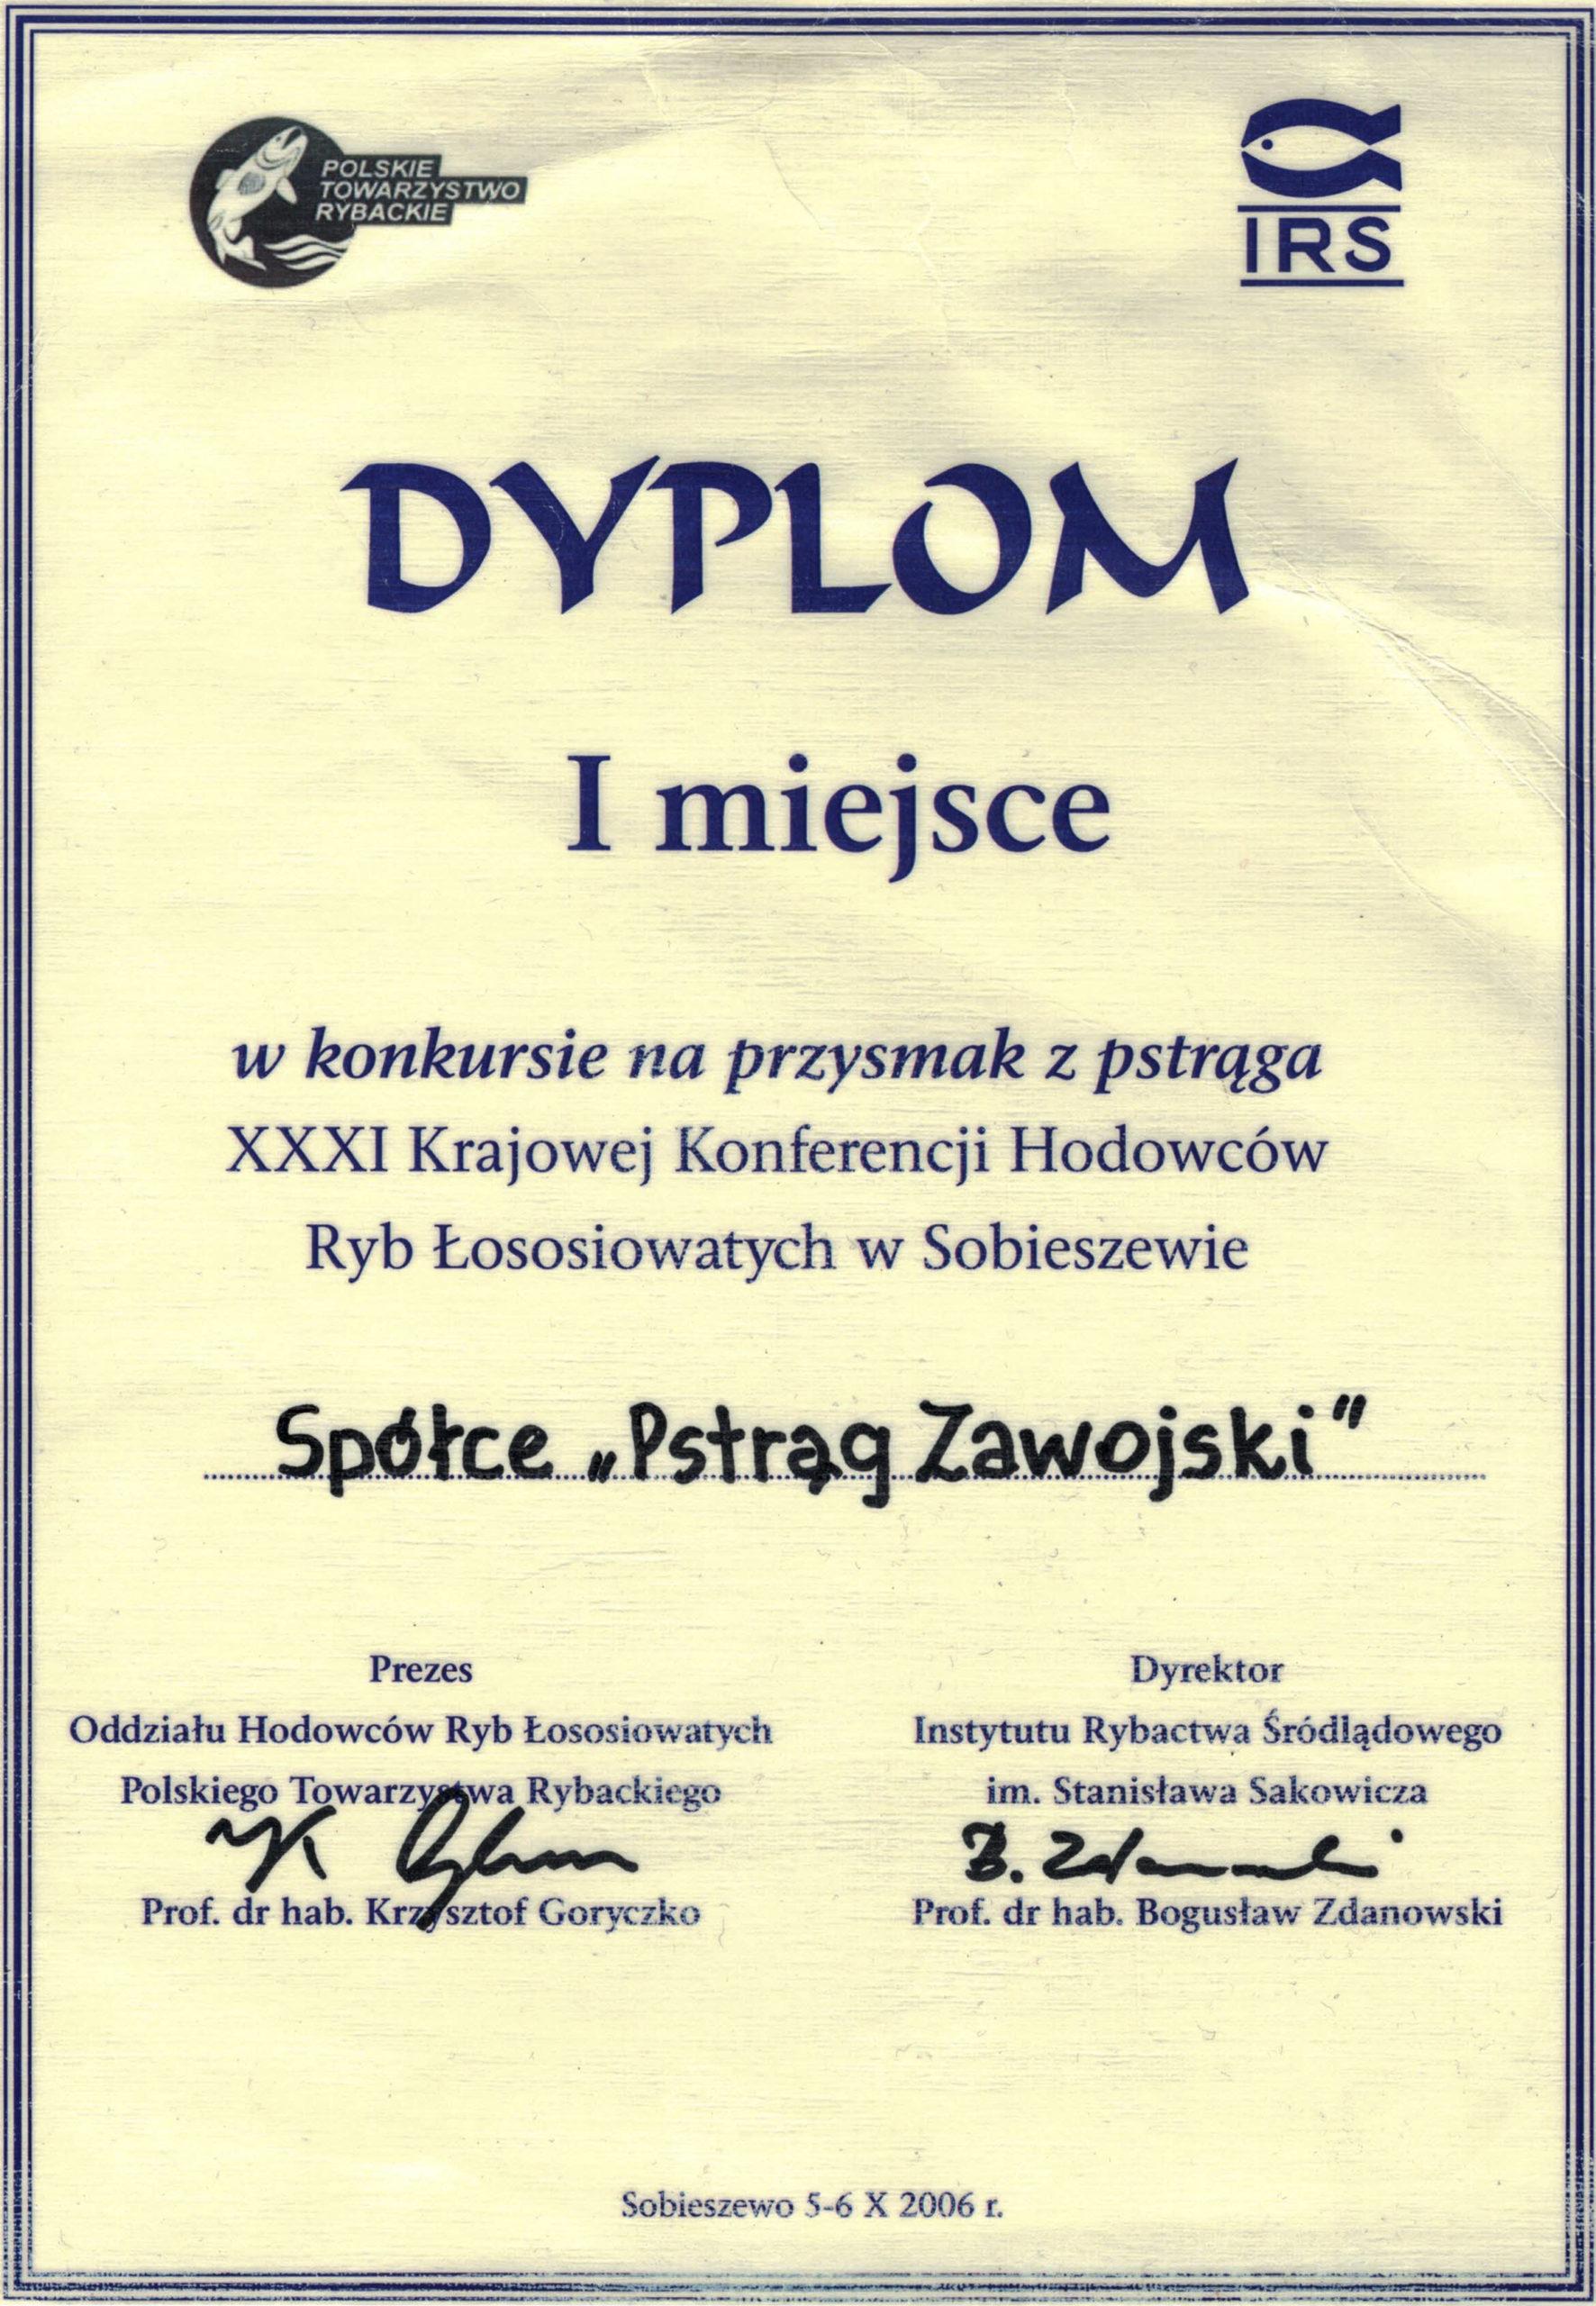 Dyplom 1 miejsce w konkursie na przysmak z pstrąga